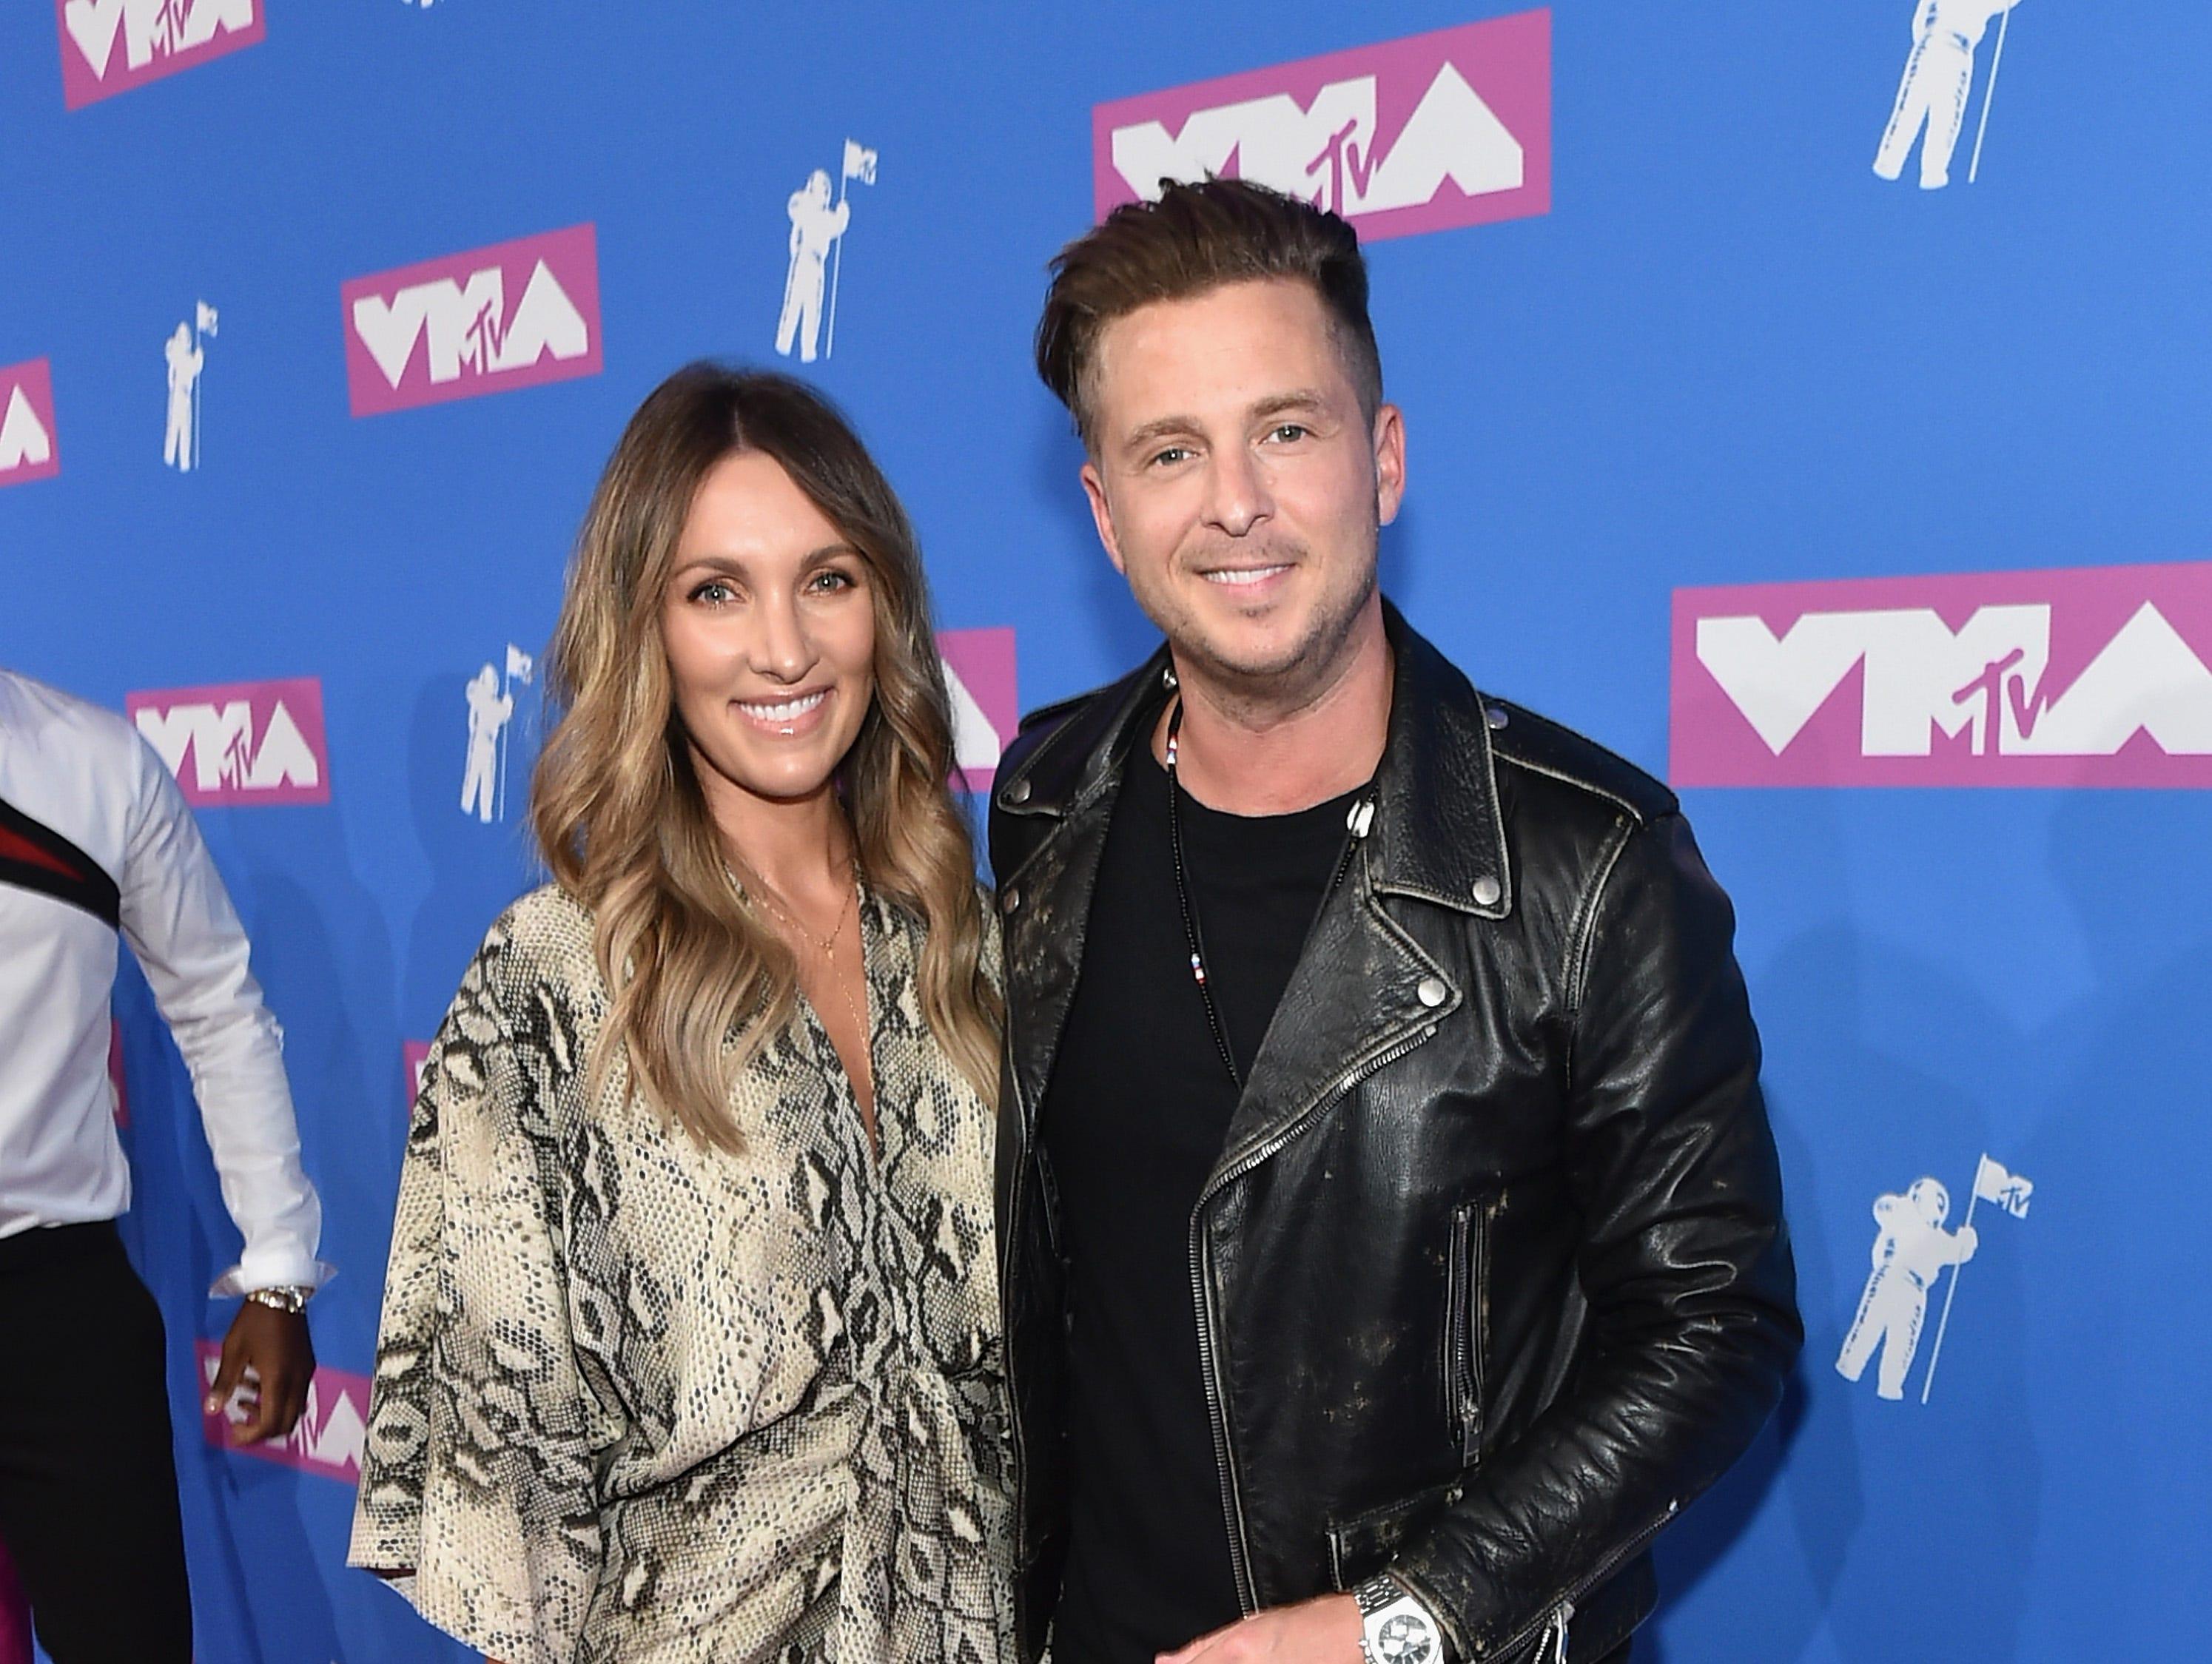 Ryan Tedder (der) asiste a los MTV Video Music Awards 2018 en el Radio City Music Hall el 20 de agosto de 2018 en la ciudad de Nueva York.